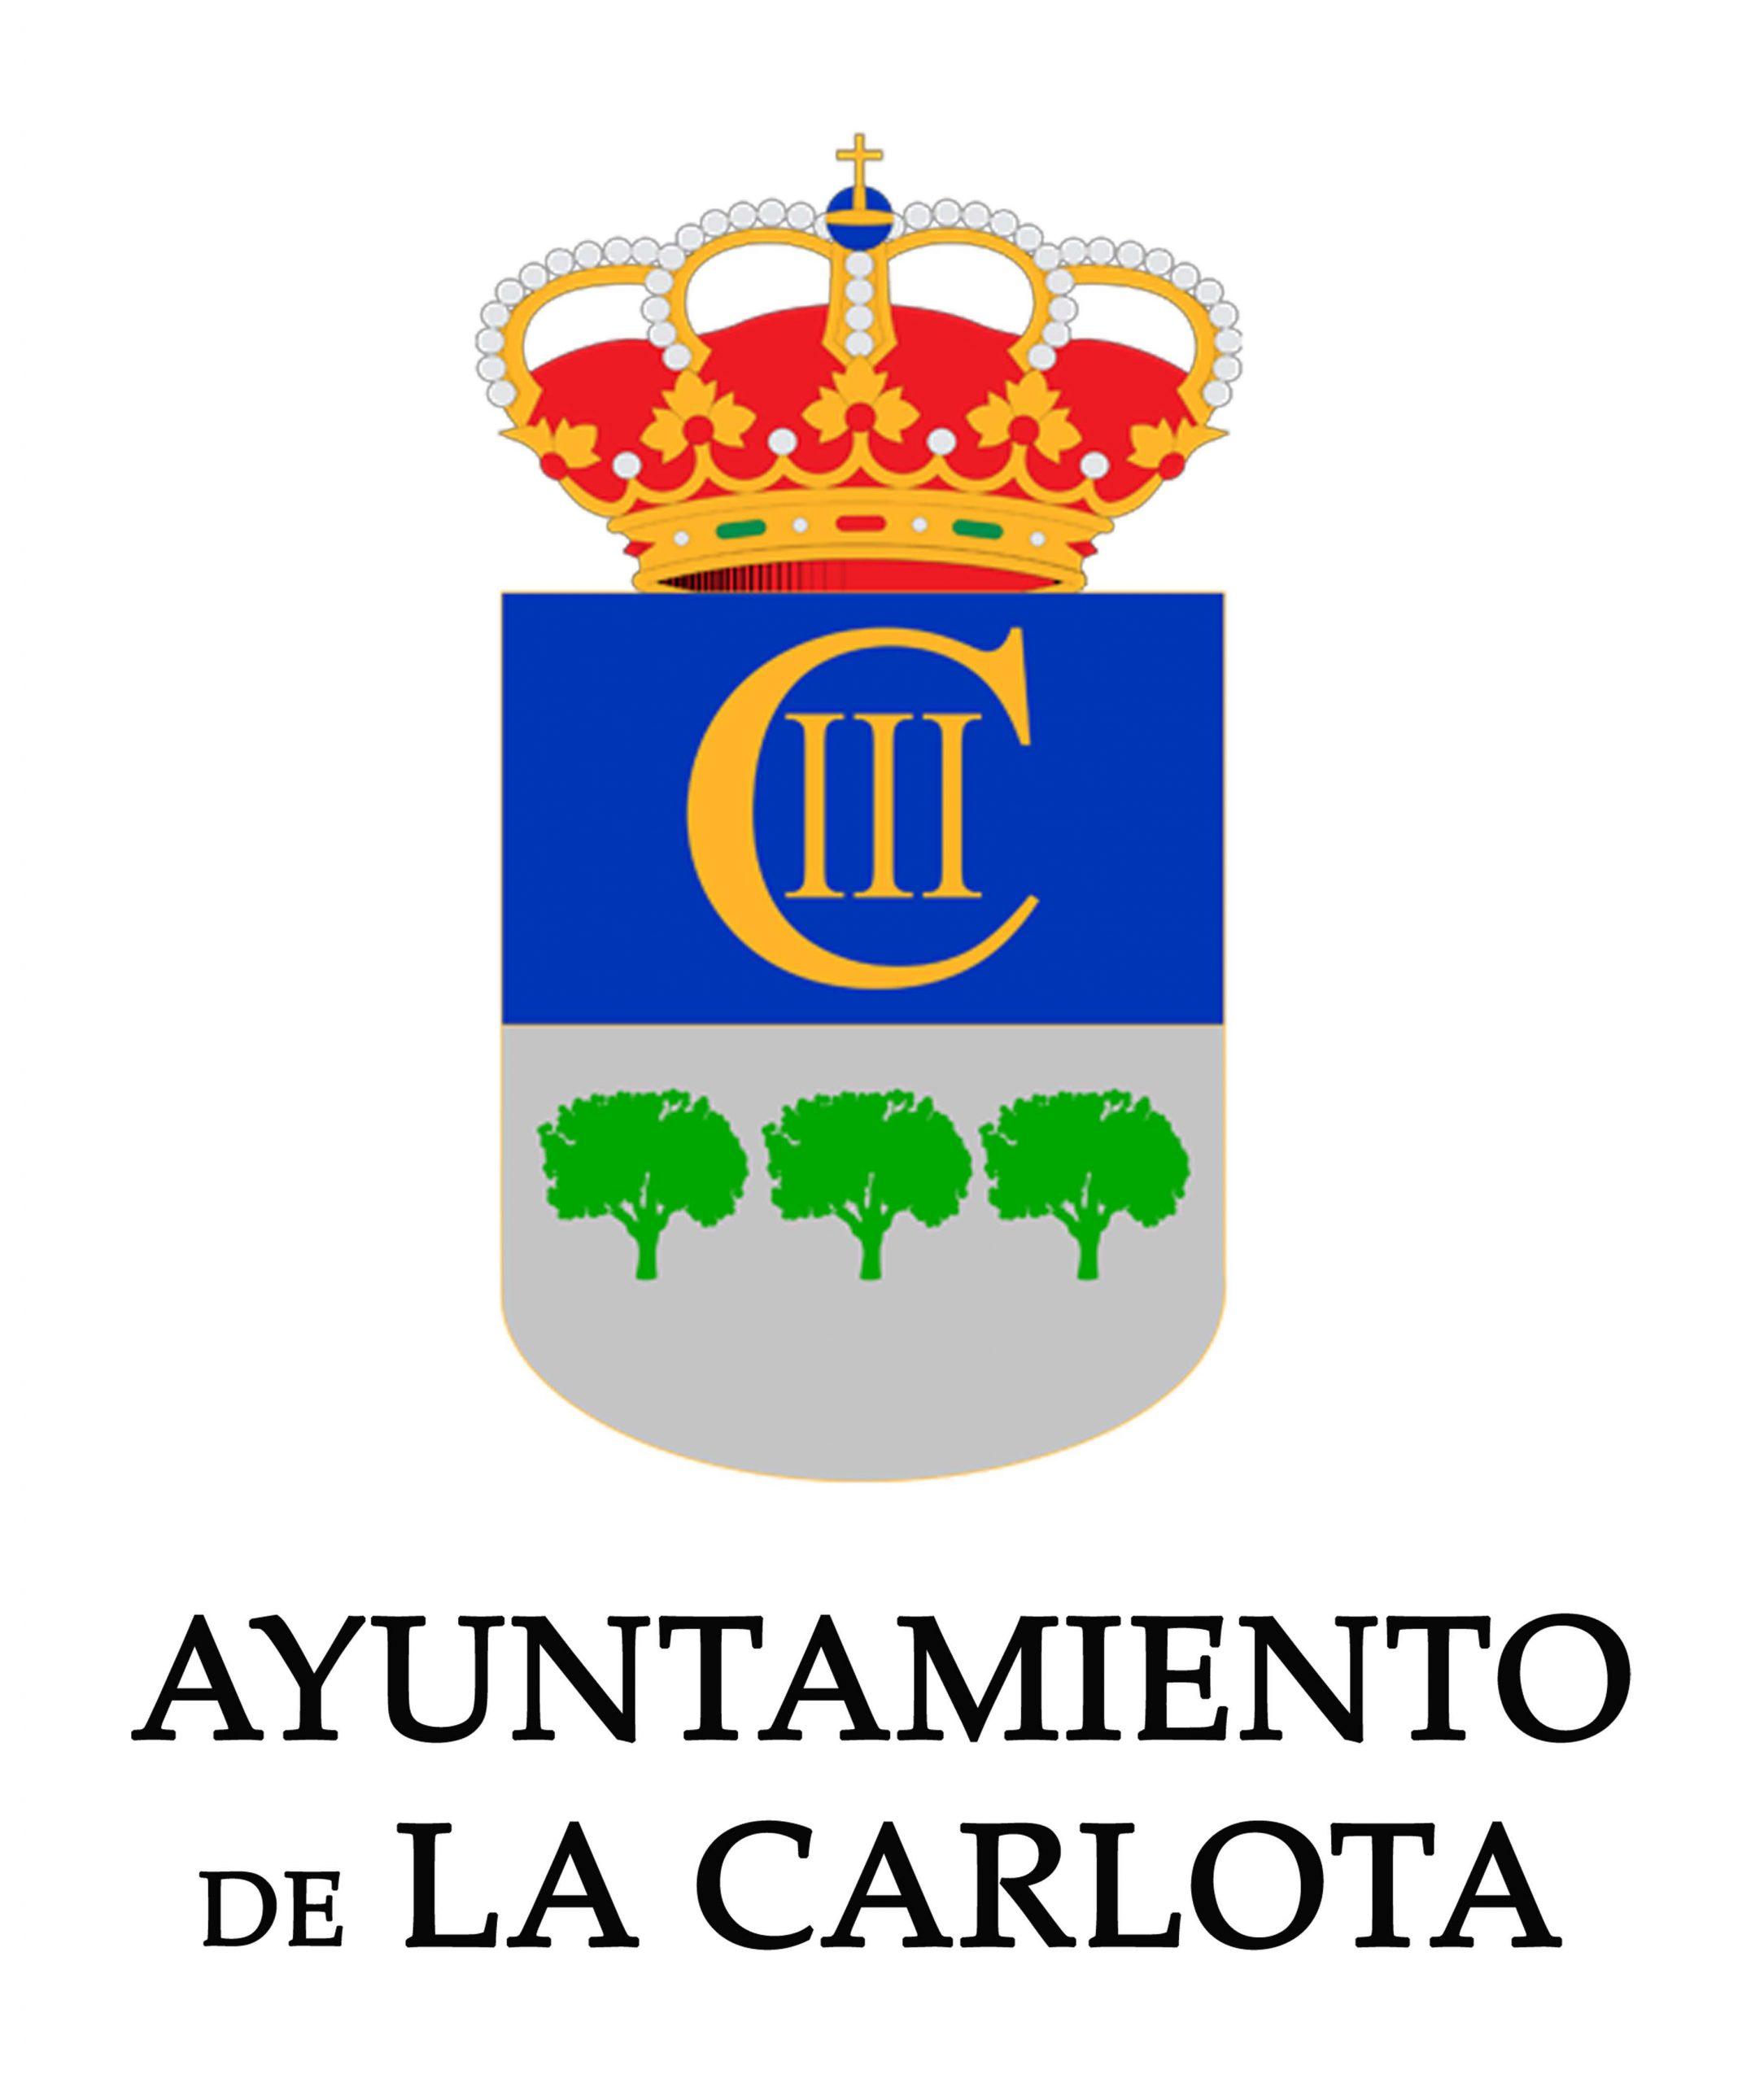 LA CARLOTA CONTABILIZA TRES CASOS POSITIVOS NUEVOS DE COVID-19 1